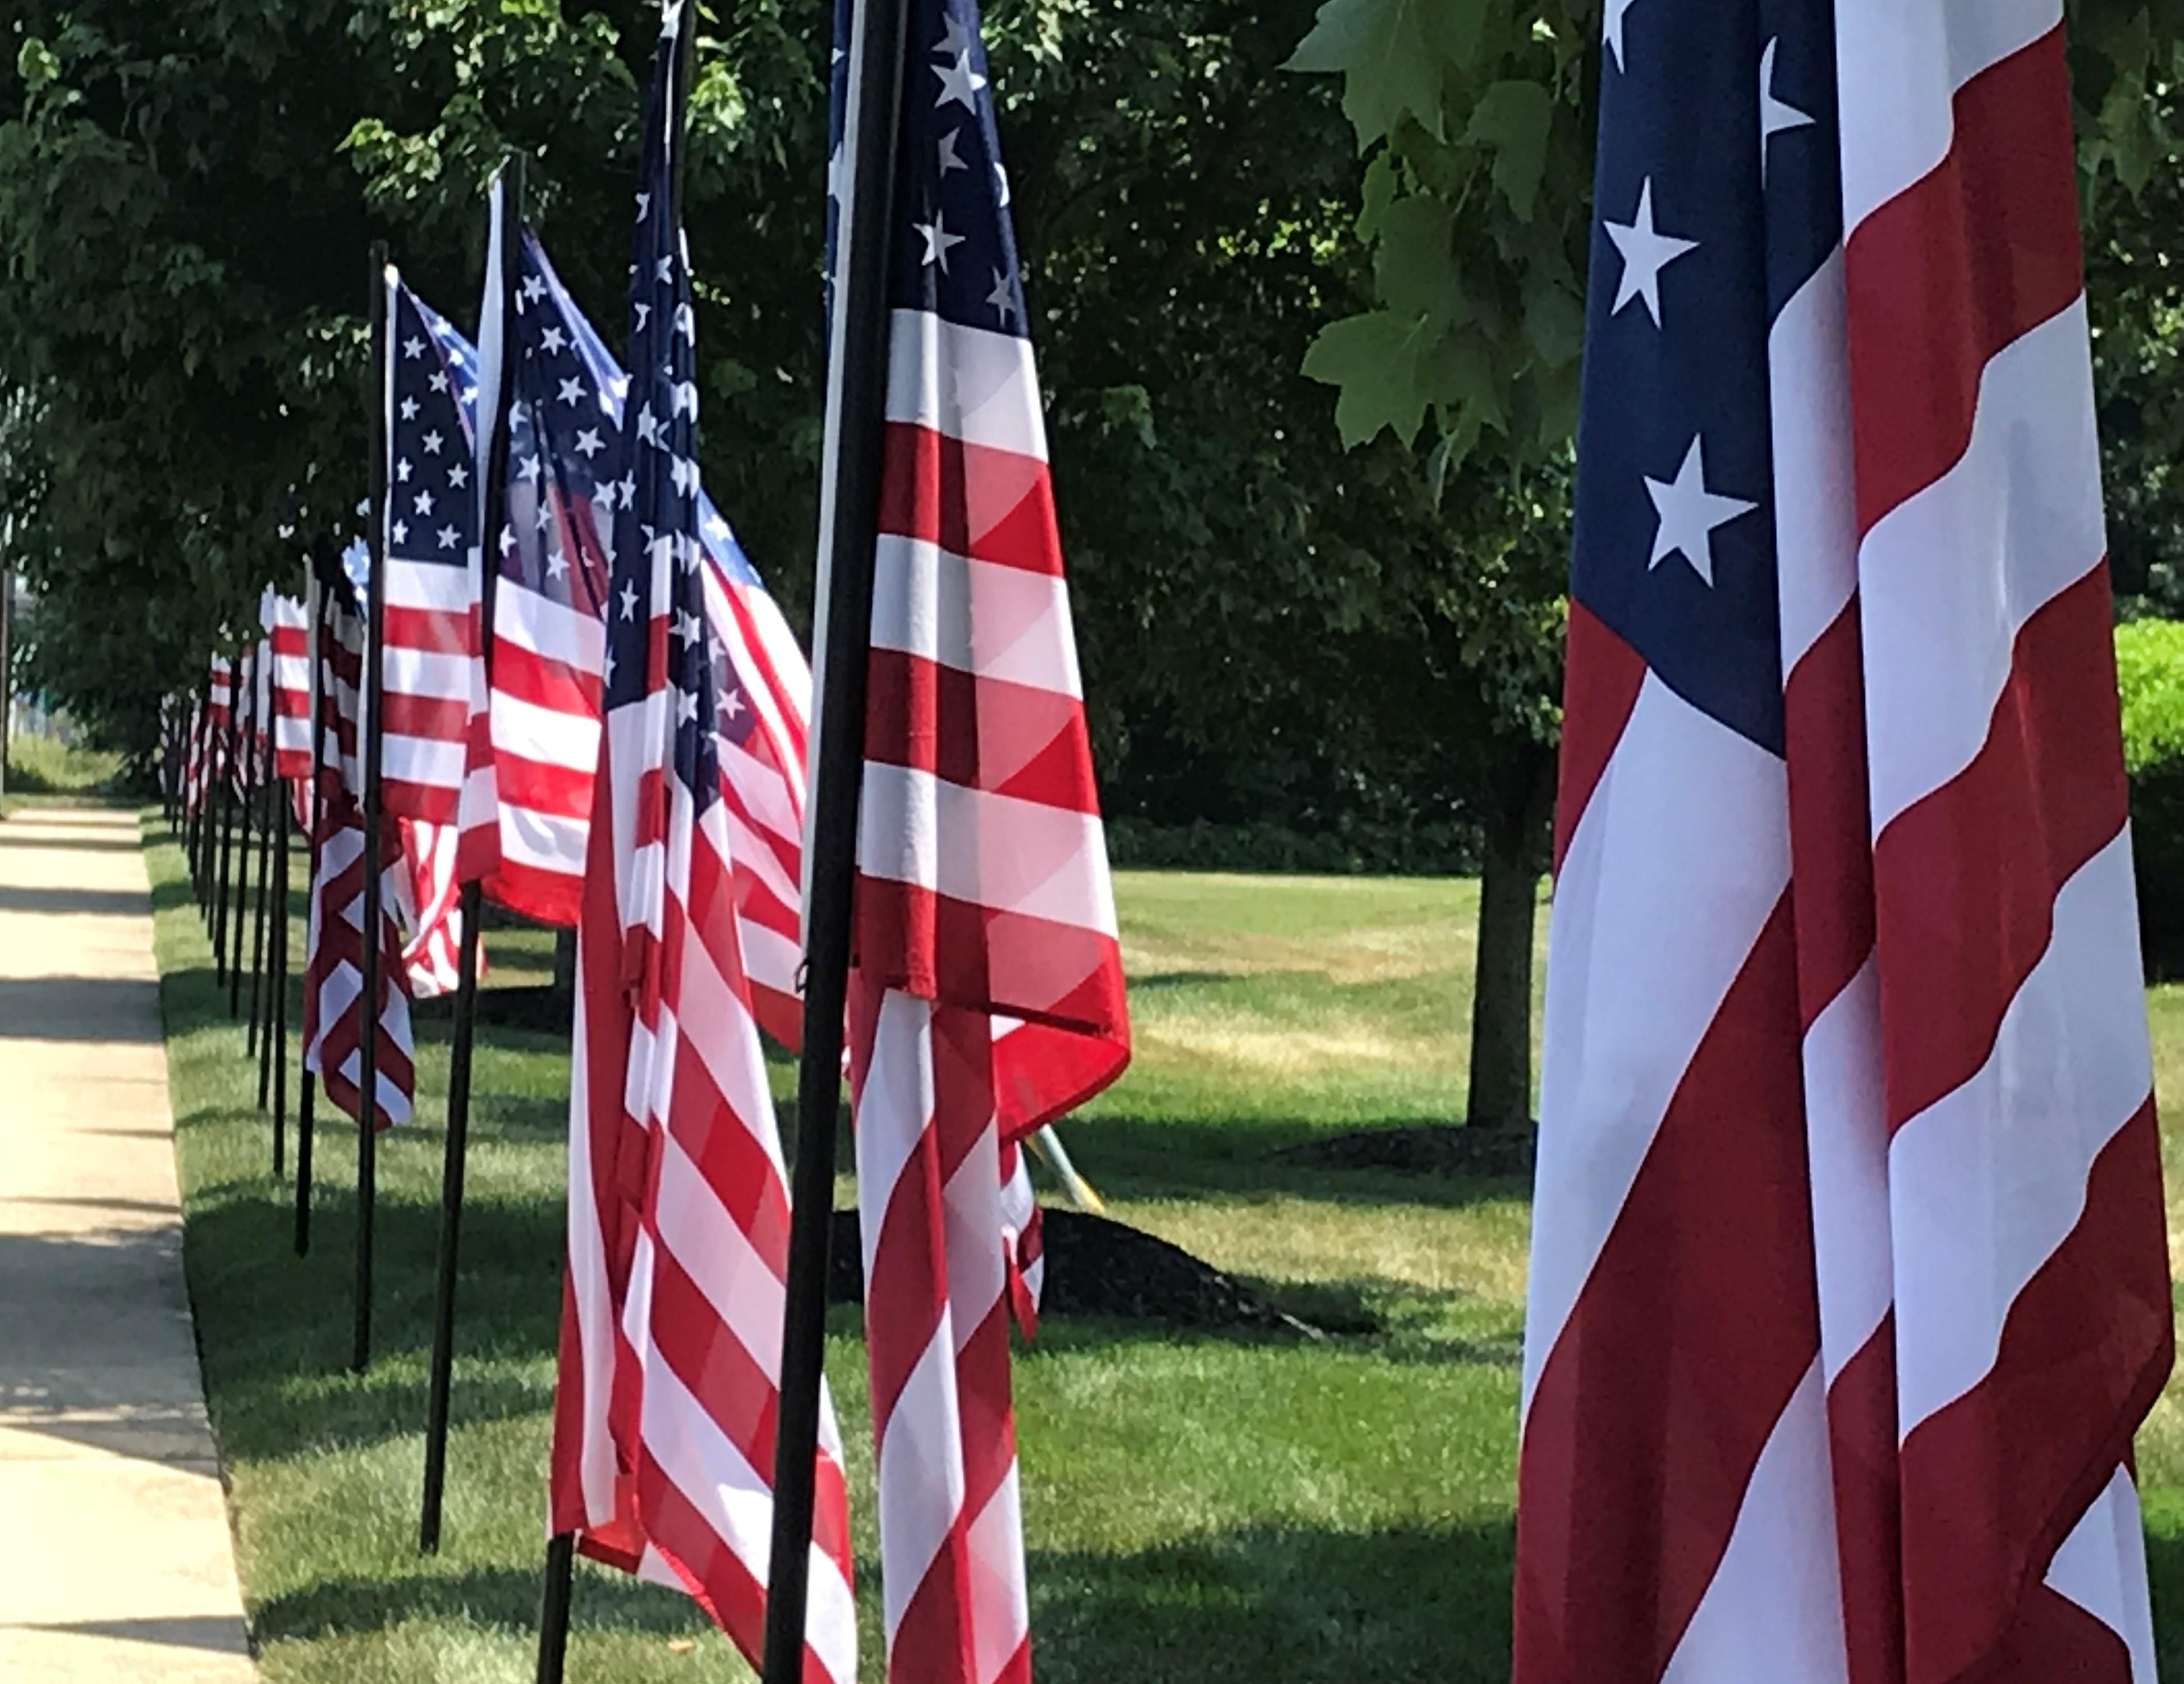 American flags in Berlin, NJ - photo by Robin Renée